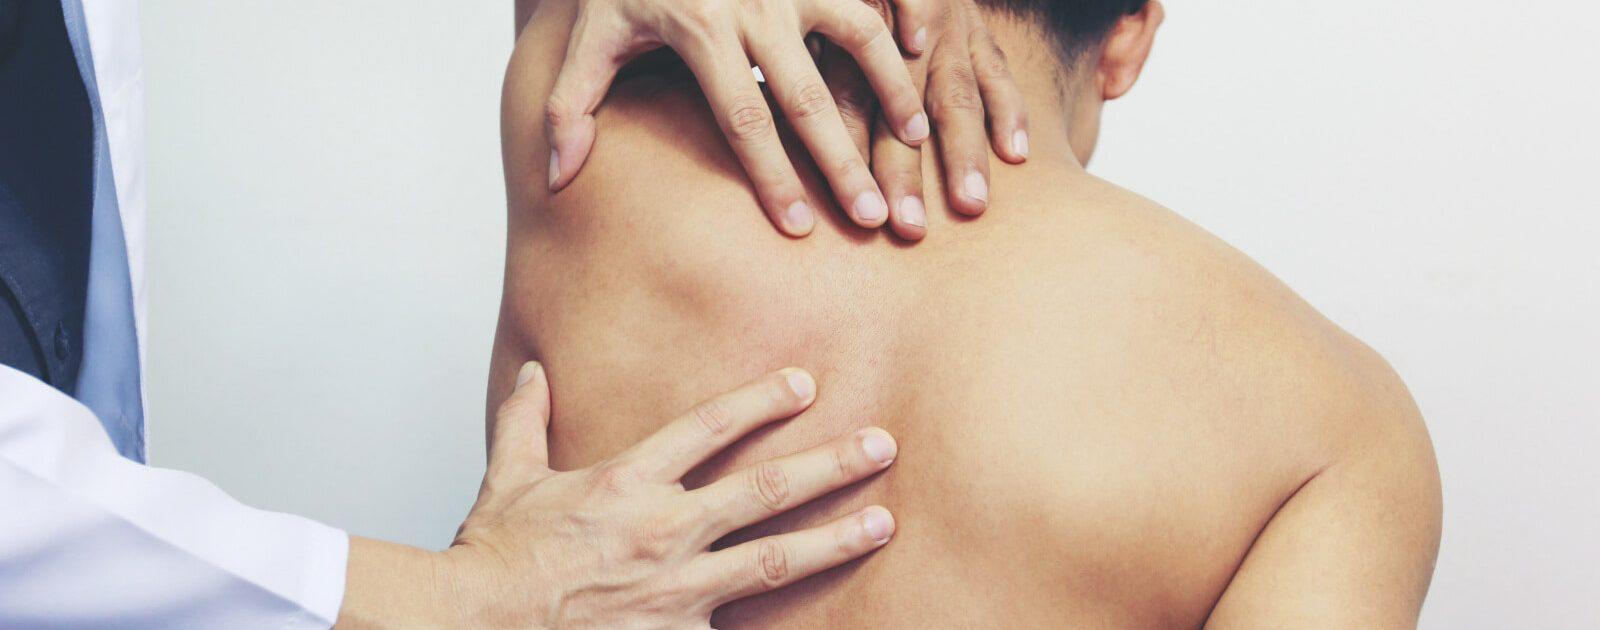 Mann lässt seine Rückenschmerzen im Oberkörper von einem Arzt untersuchen.